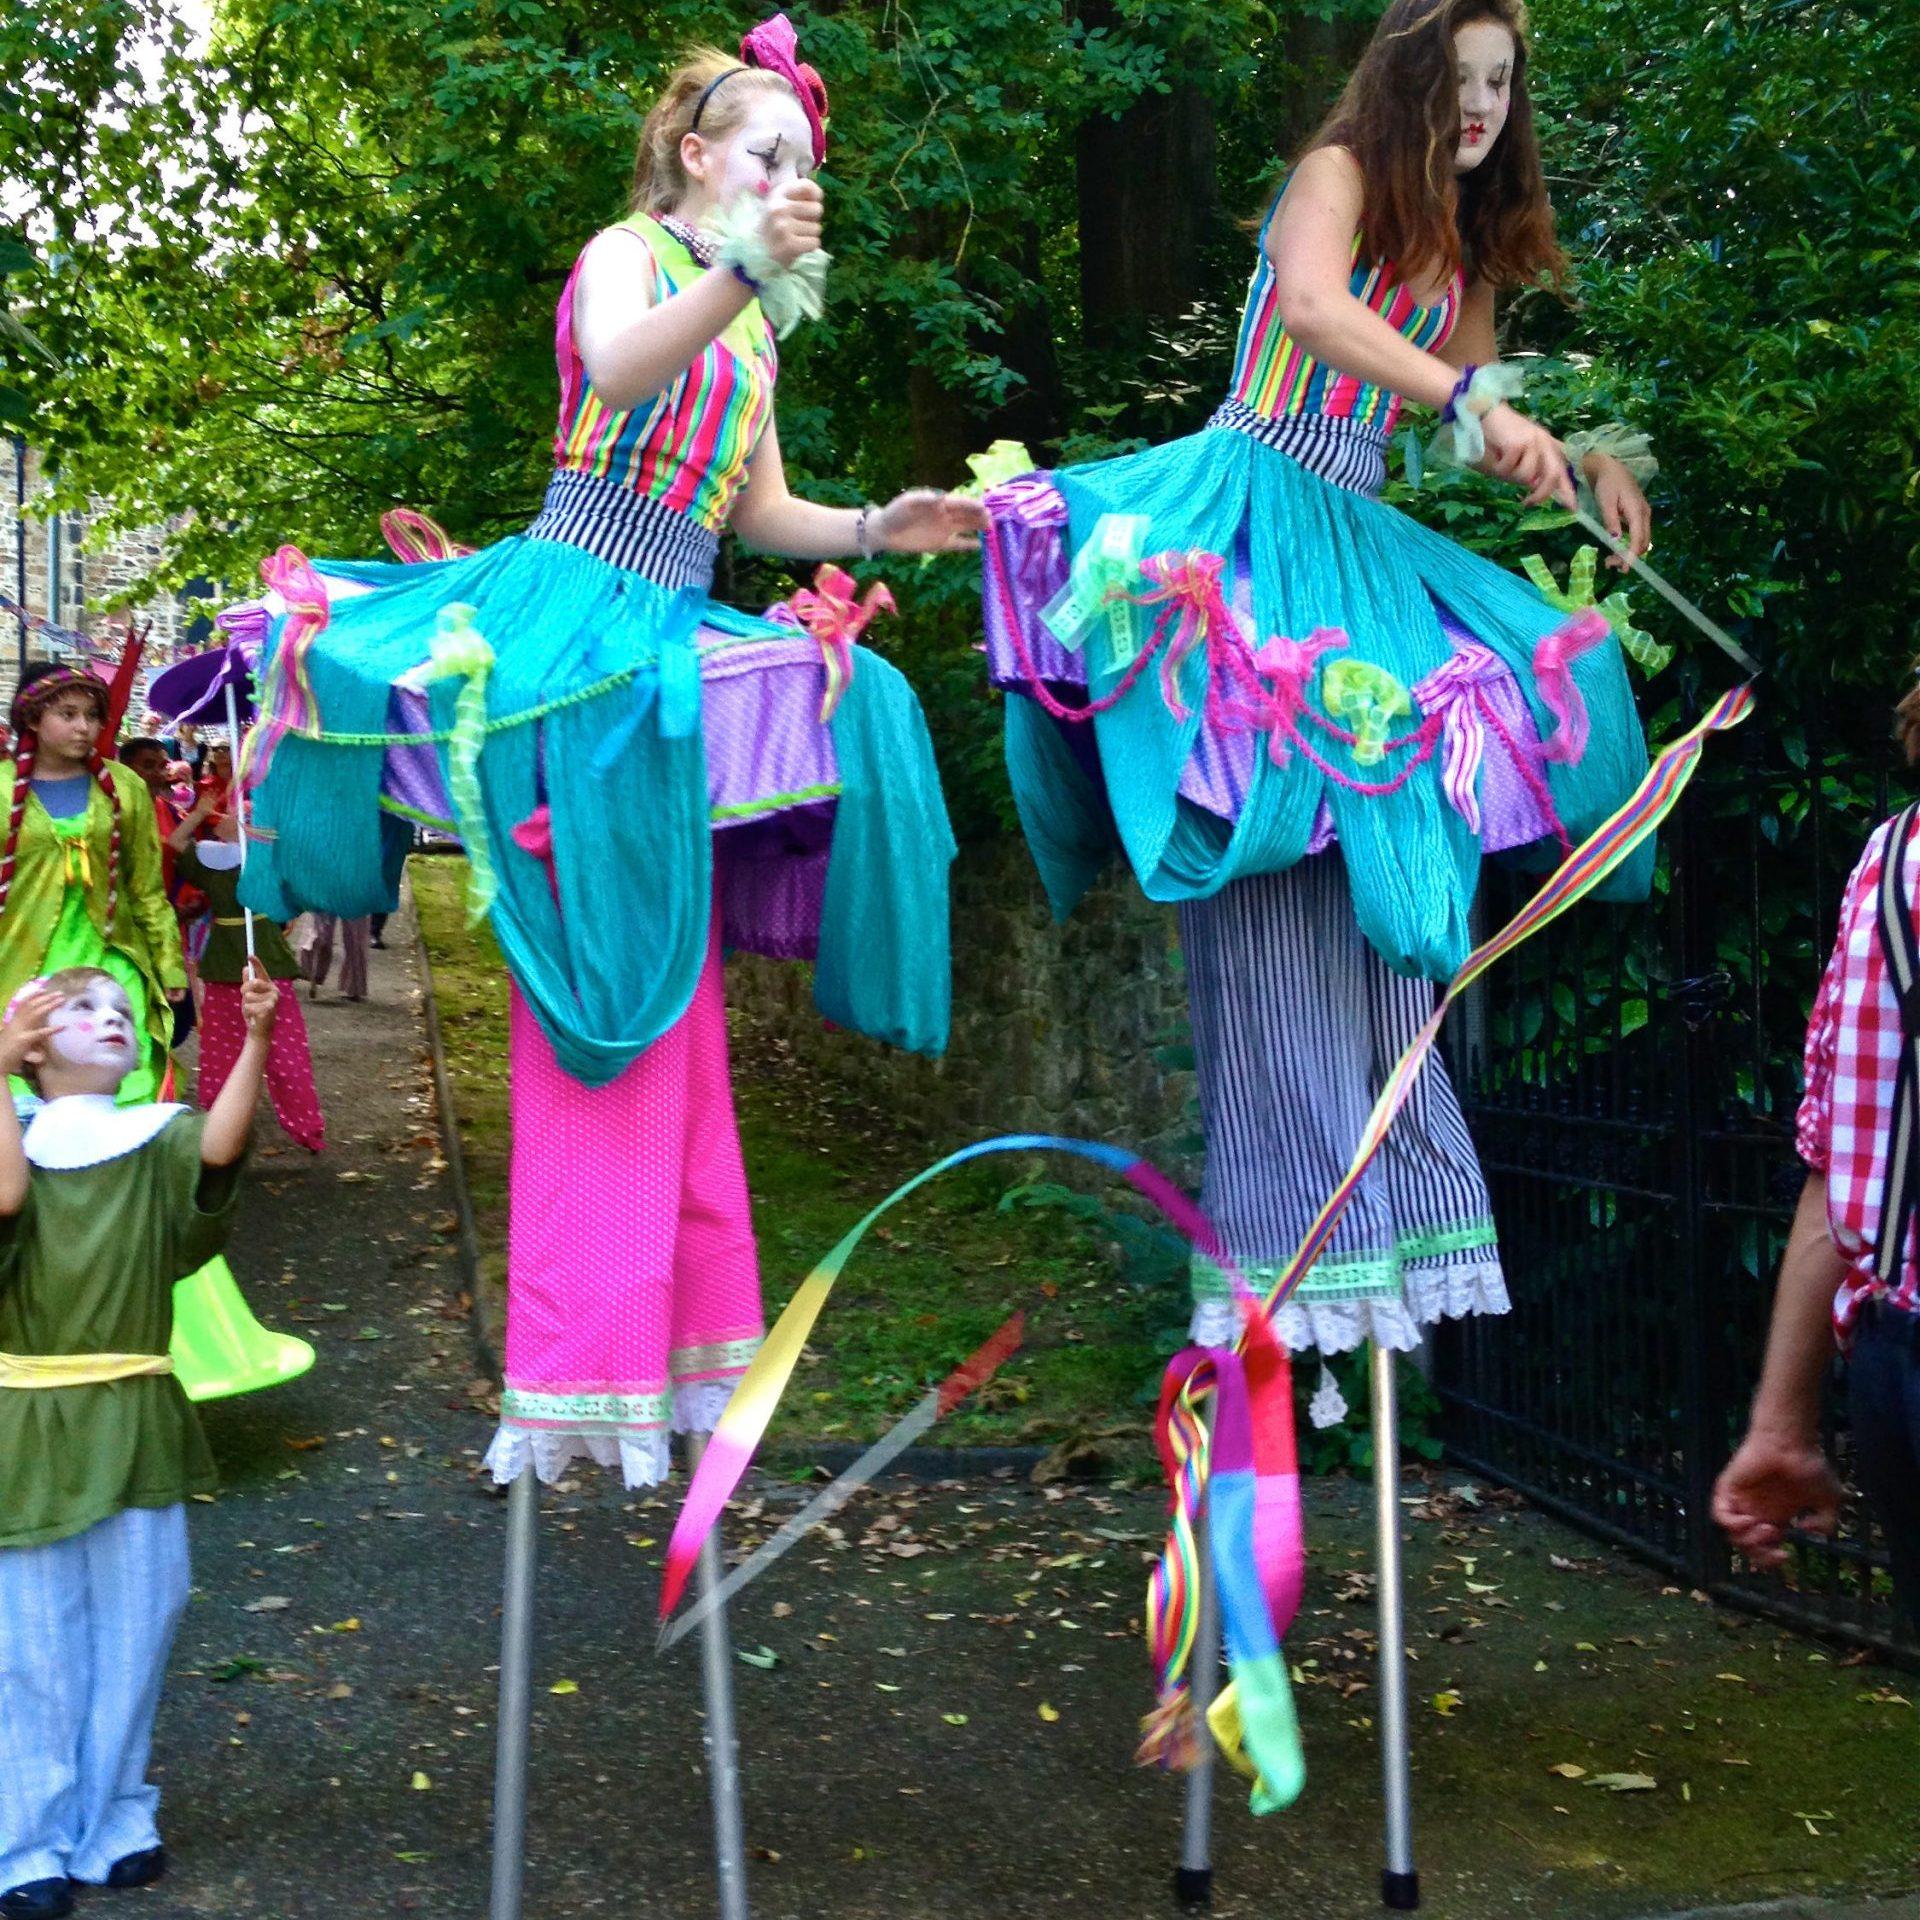 Two girls stilt walking